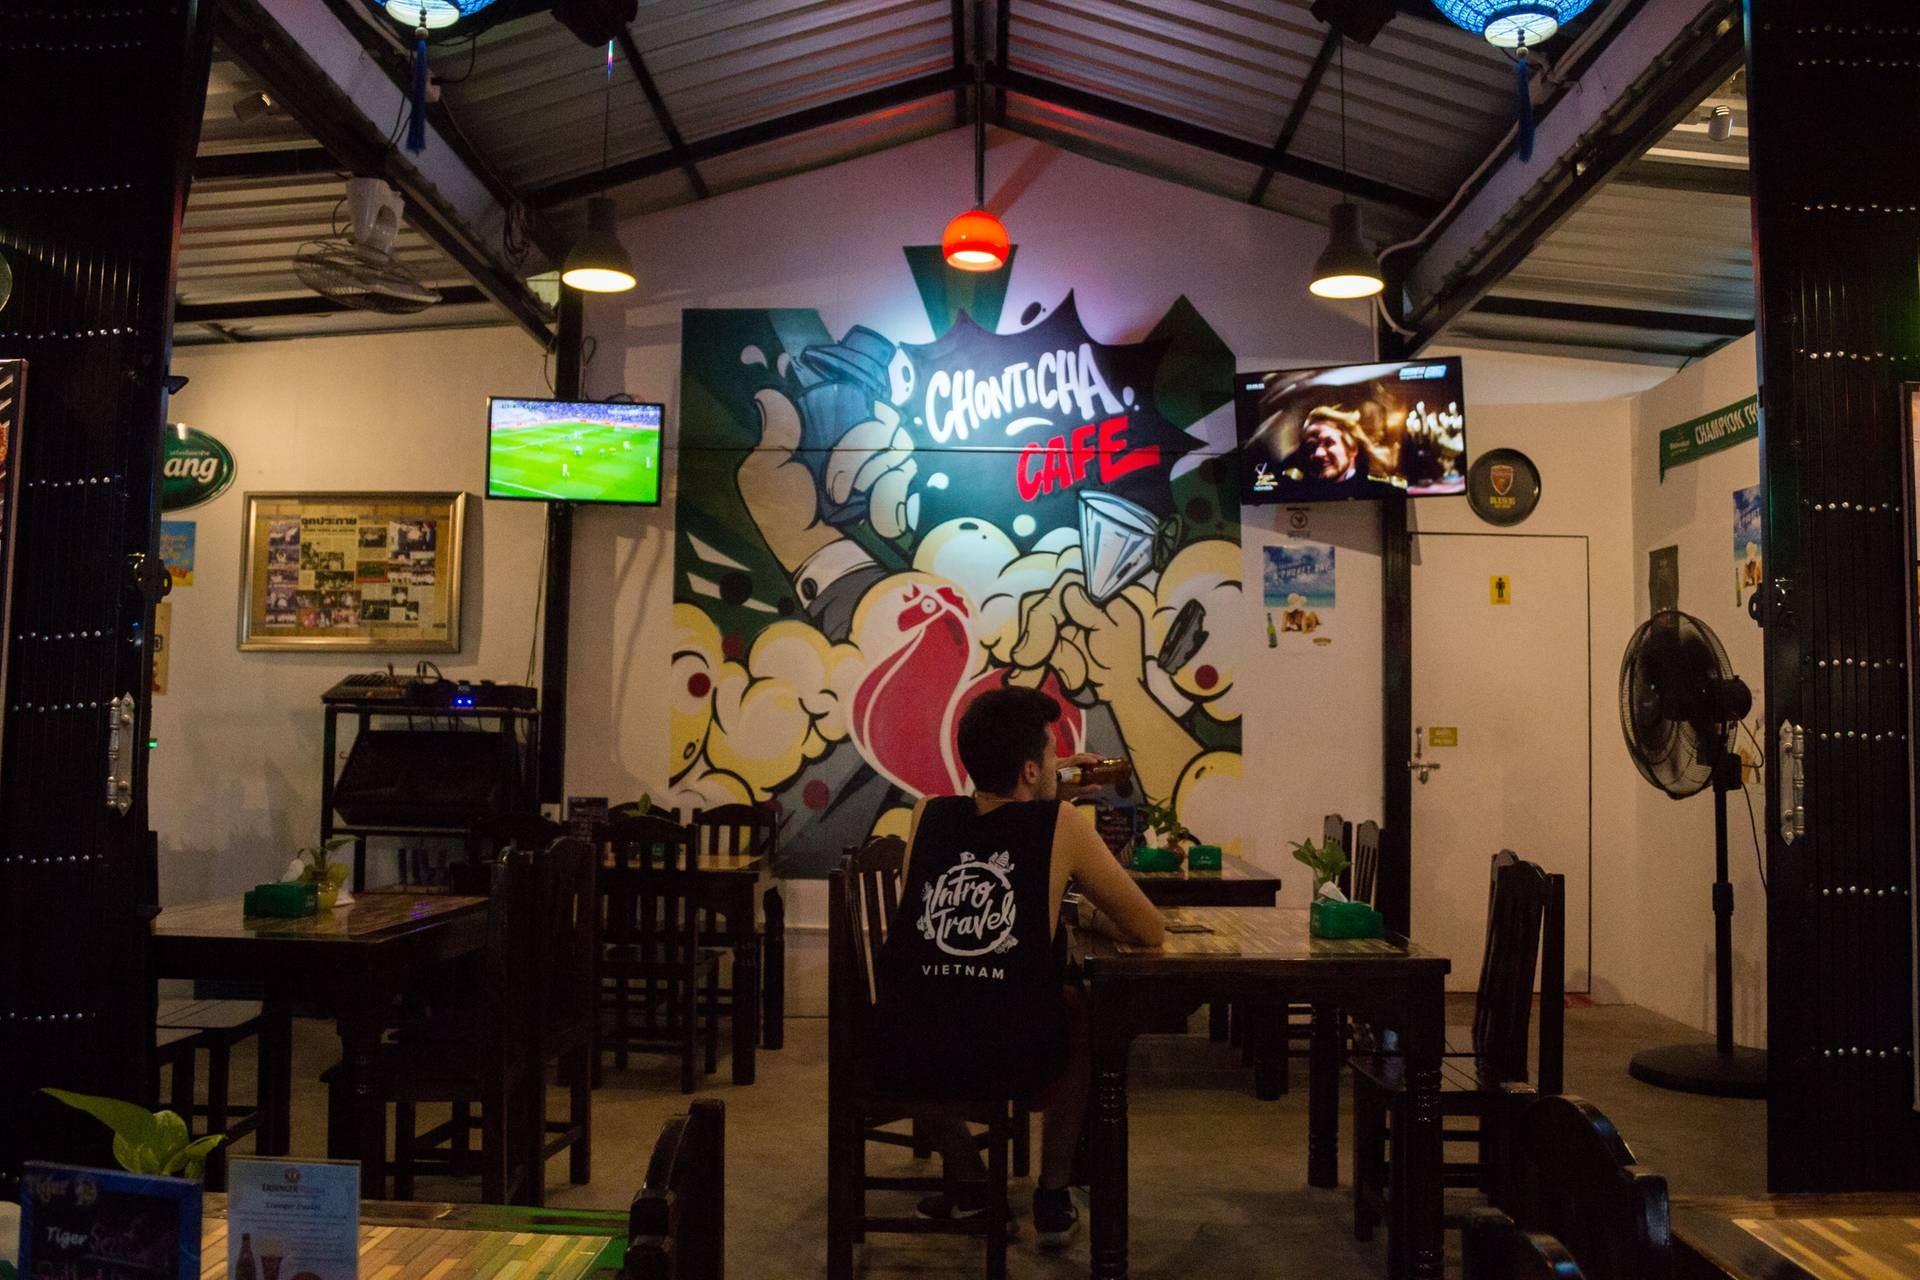 CHONTICHA CAFÉ BY AKARACHAI